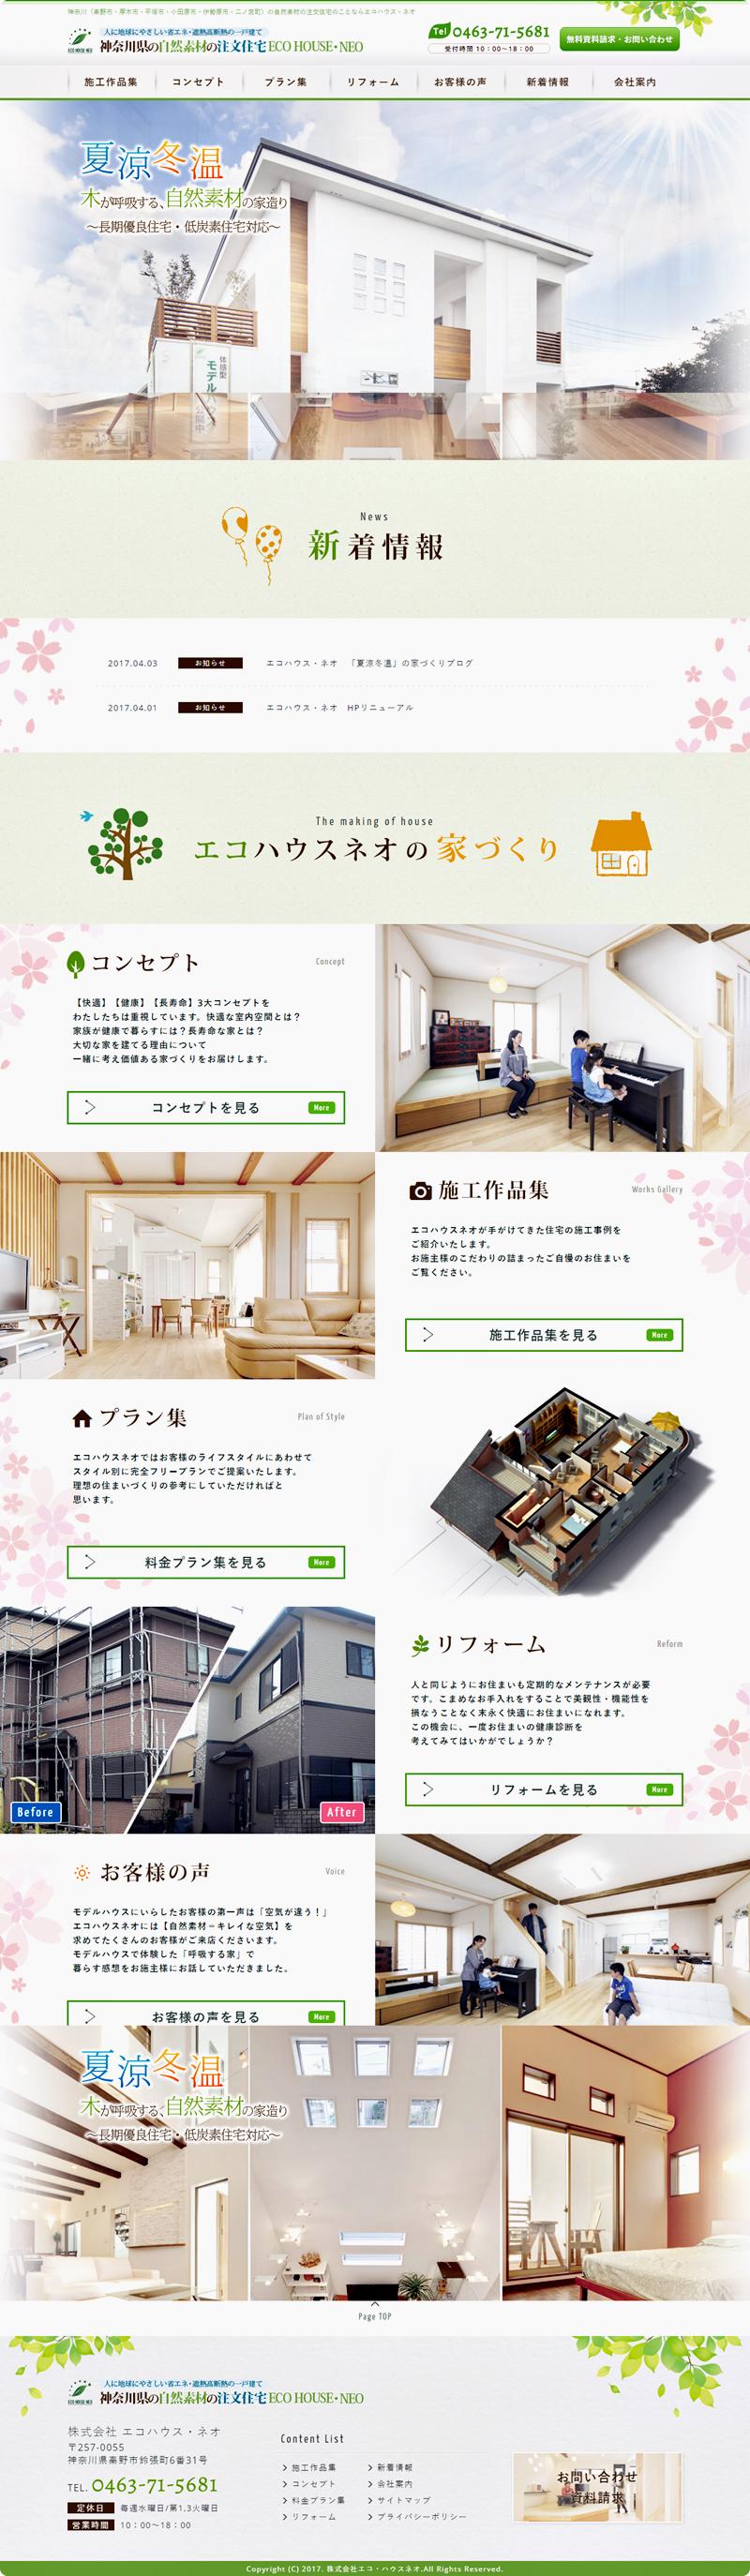 株式会社 ECO HOUSE・NEO